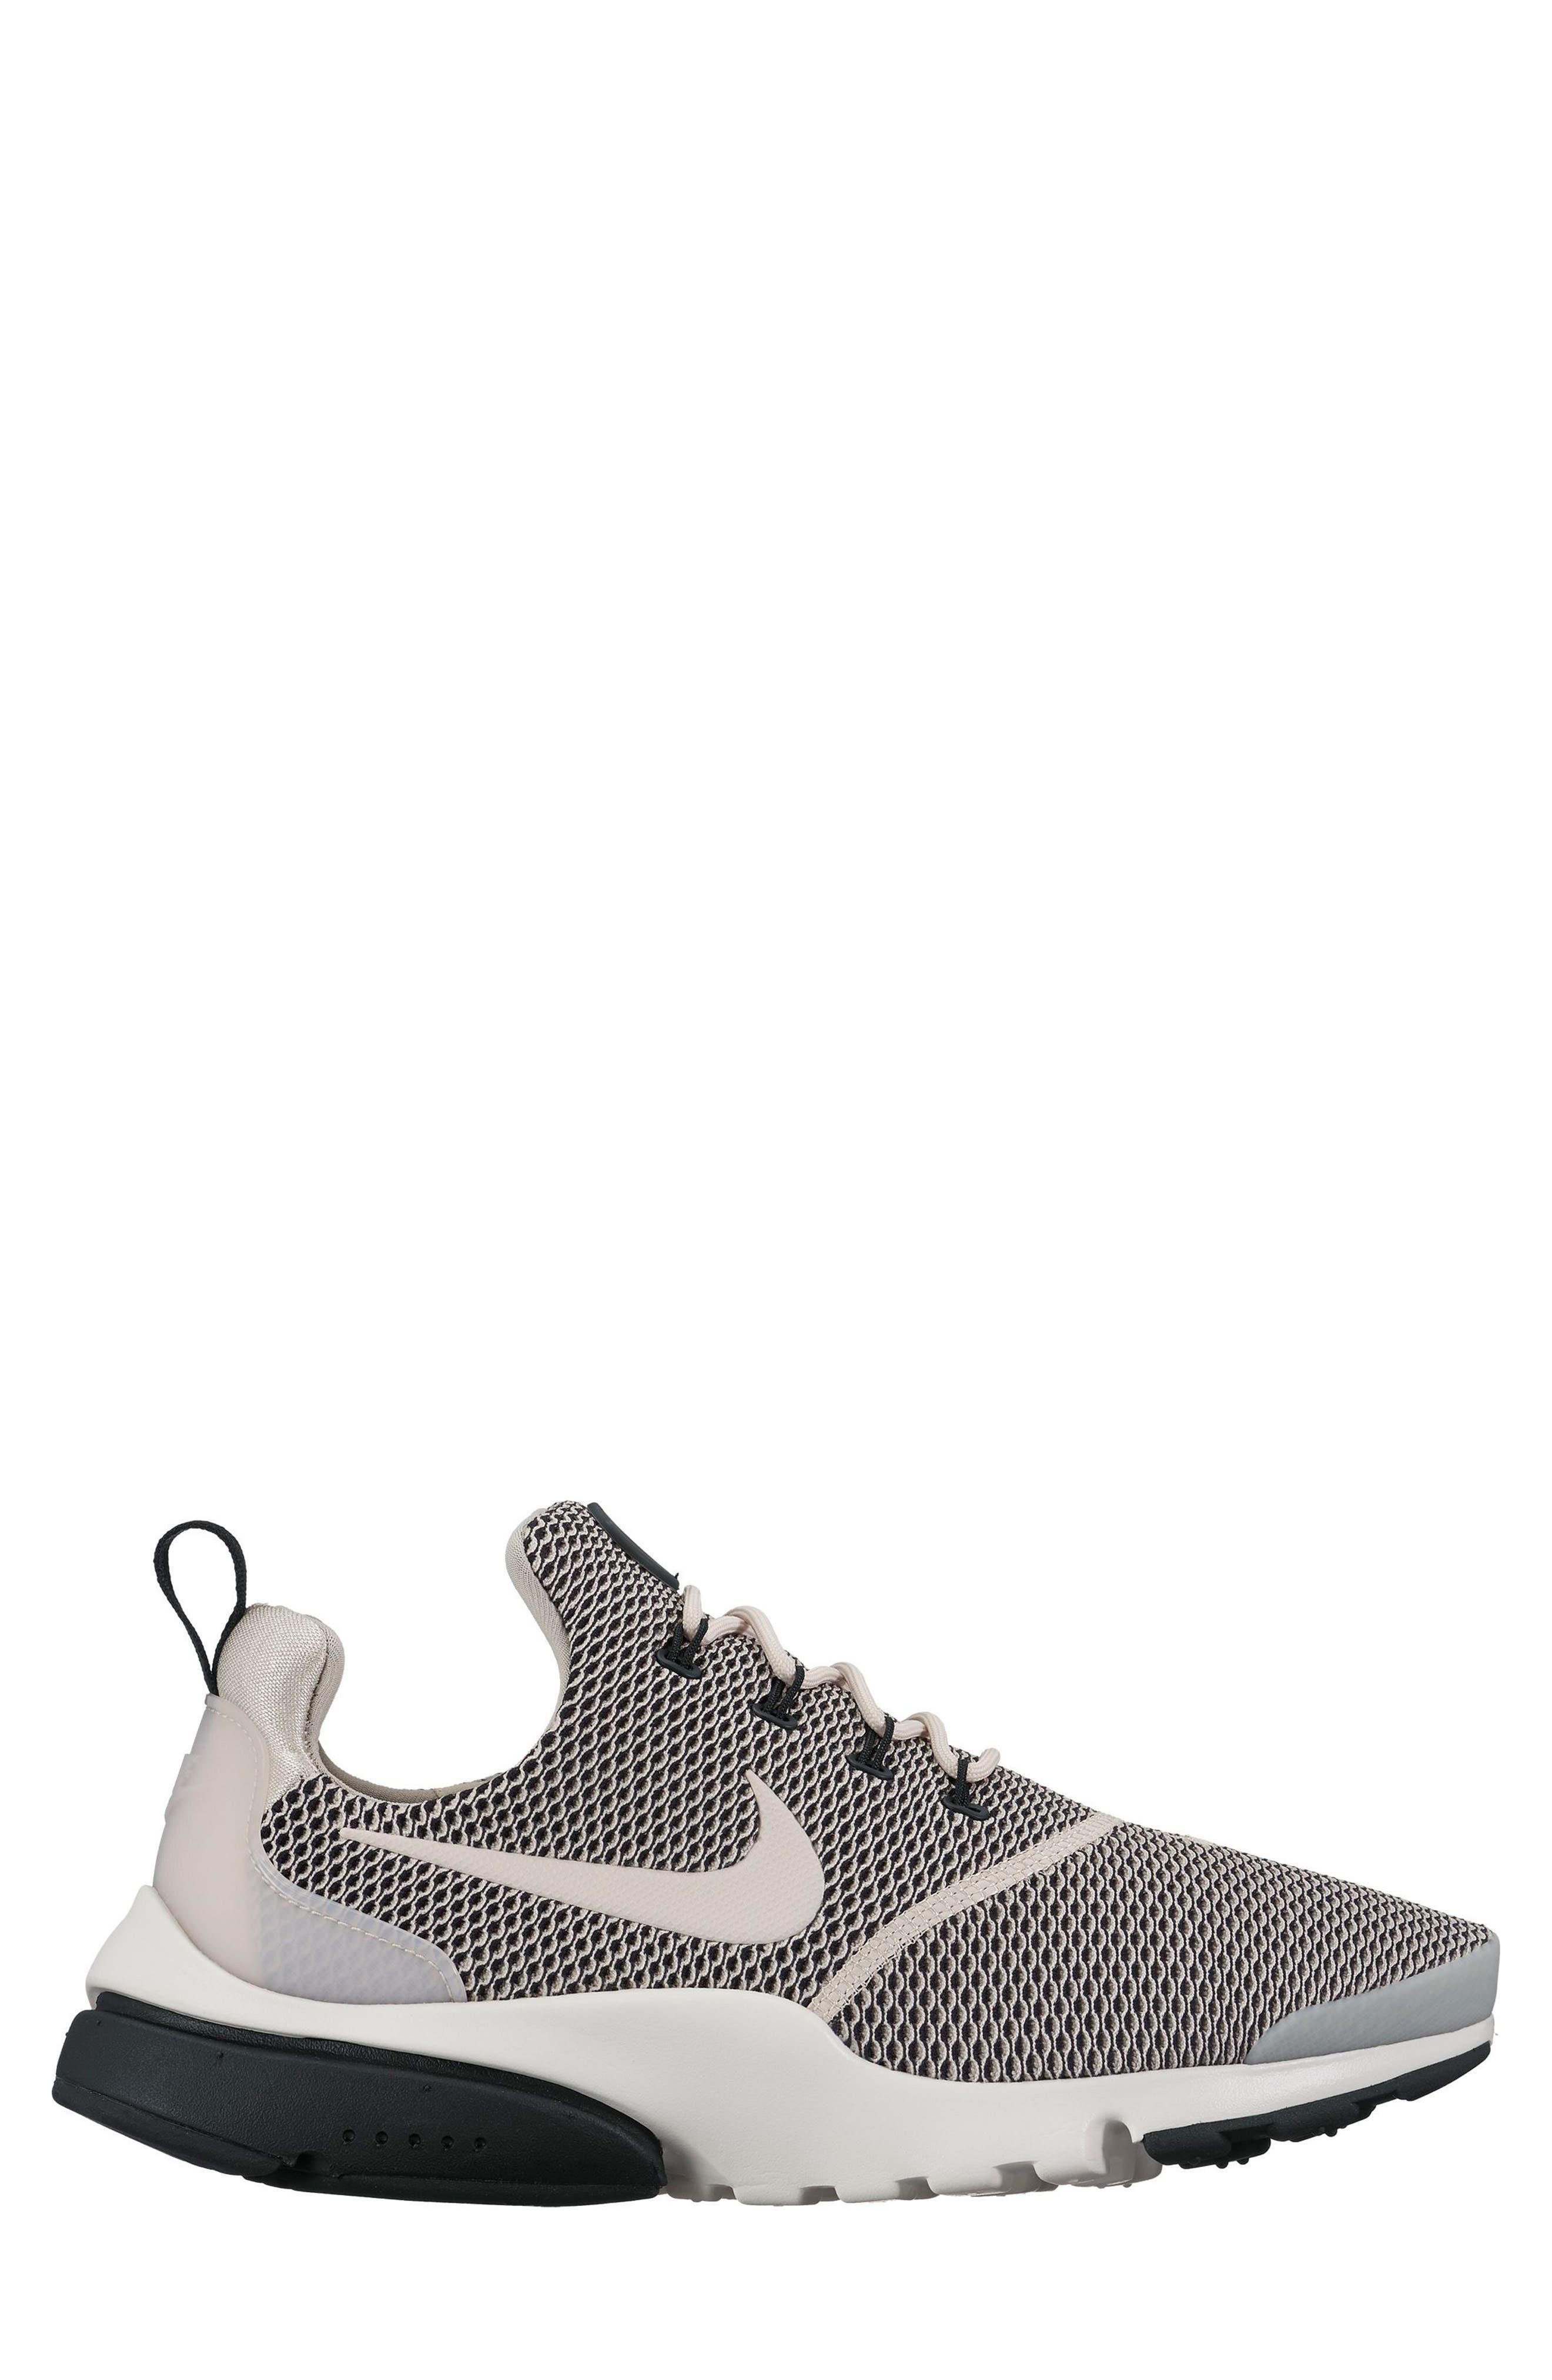 Presto Ultra SE Sneaker,                         Main,                         color, BROWN/ WHITE/ BLACK/ ORANGE